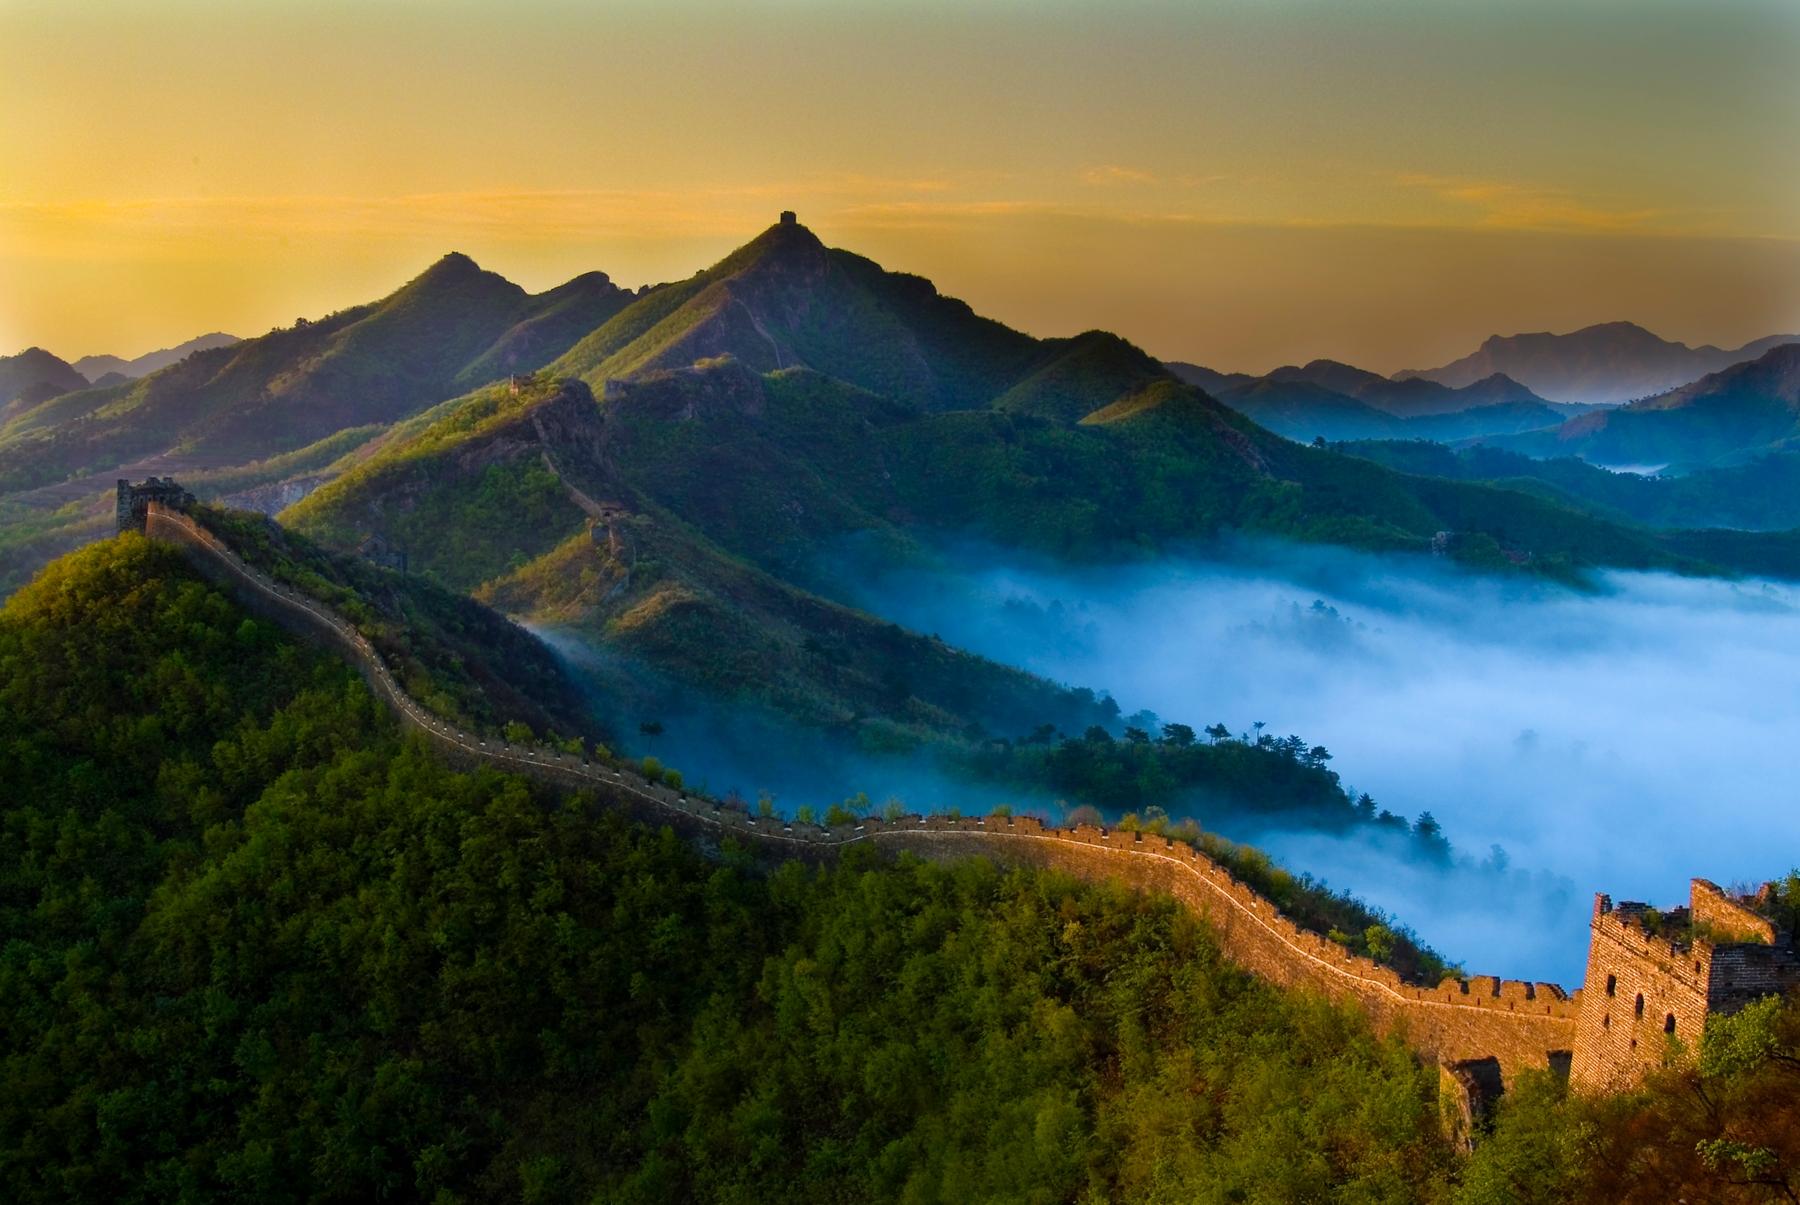 Grande Muralha da China, uma das Maravilhas do Mundo Moderno